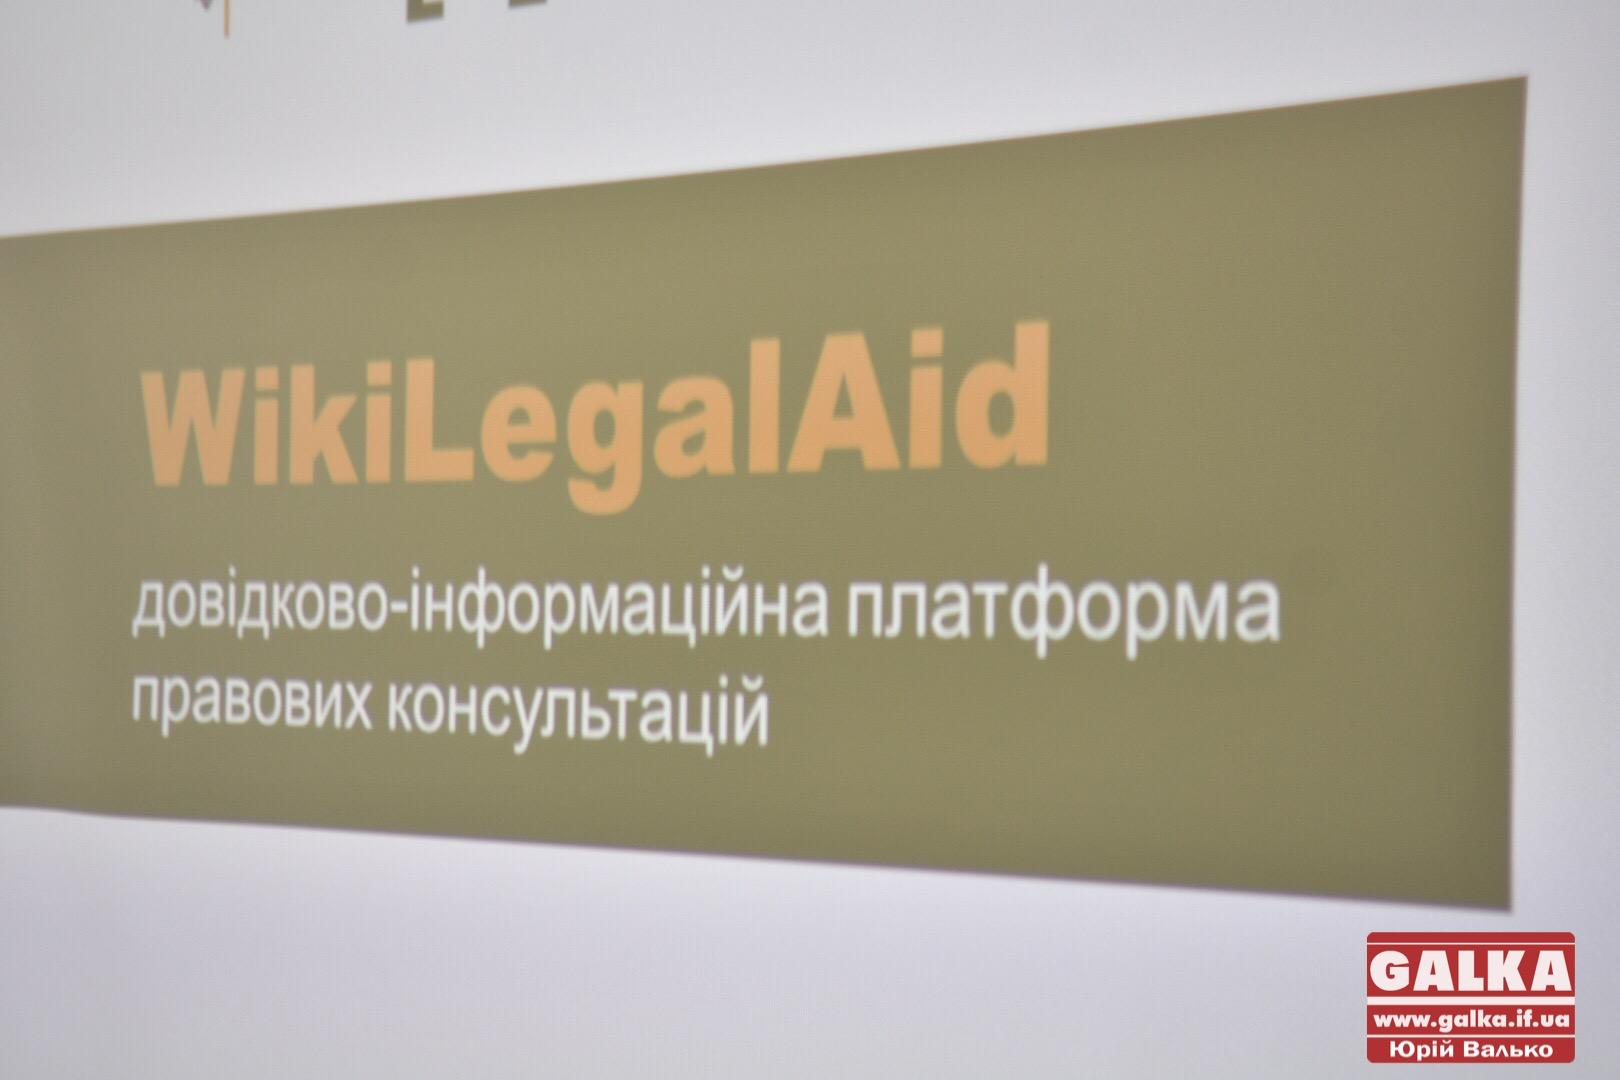 Франківцям презентували онлайн-платформу безкоштовних правових консультацій (ФОТО)